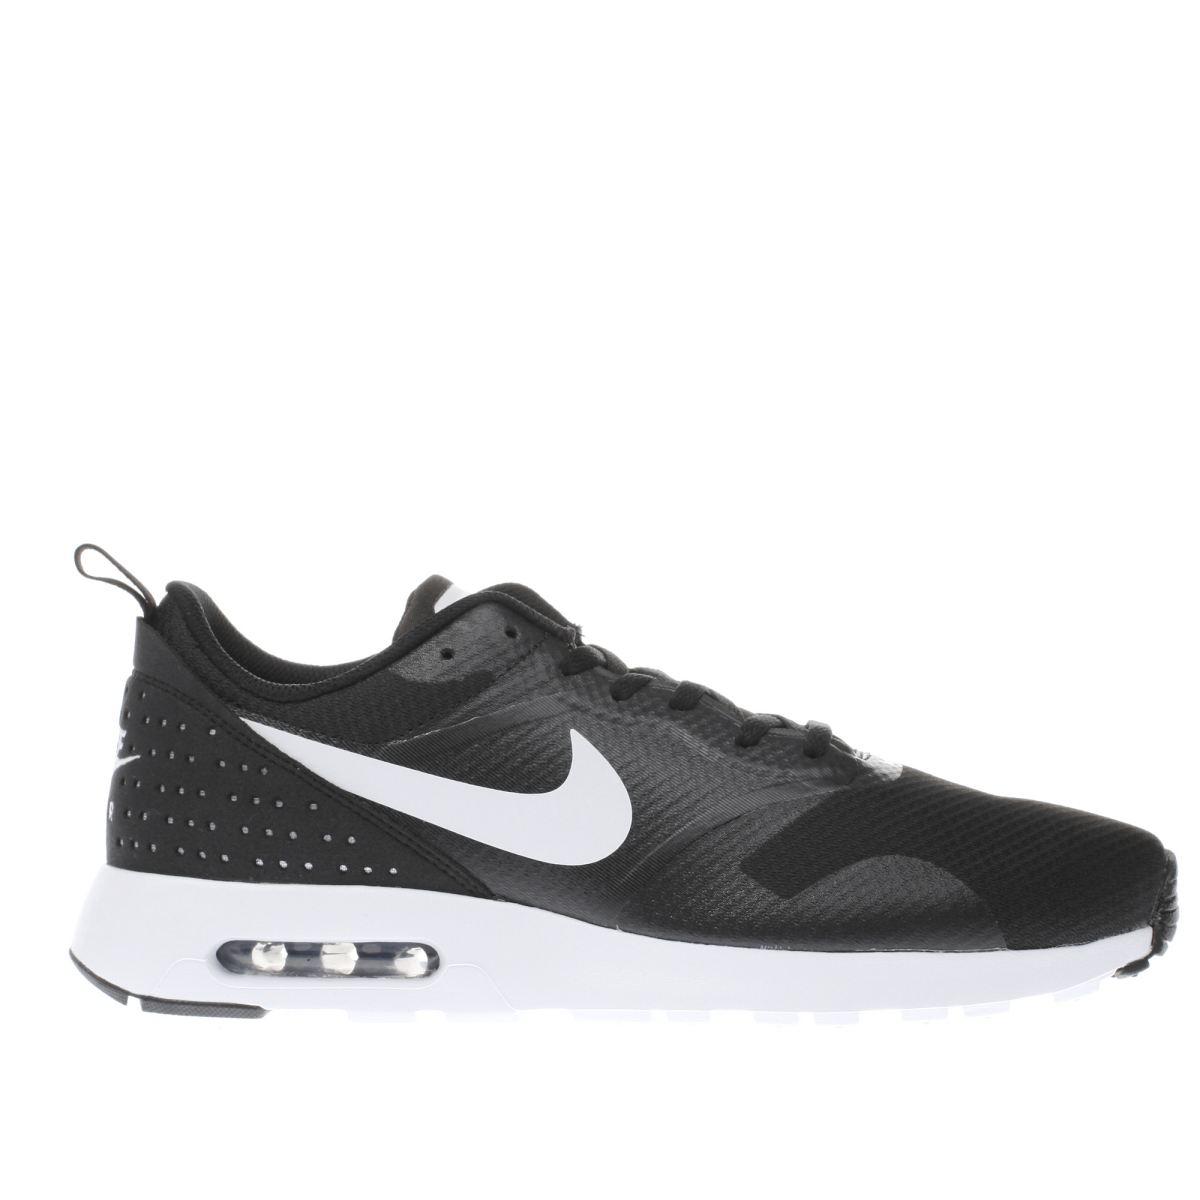 nike black & white air max tavas trainers